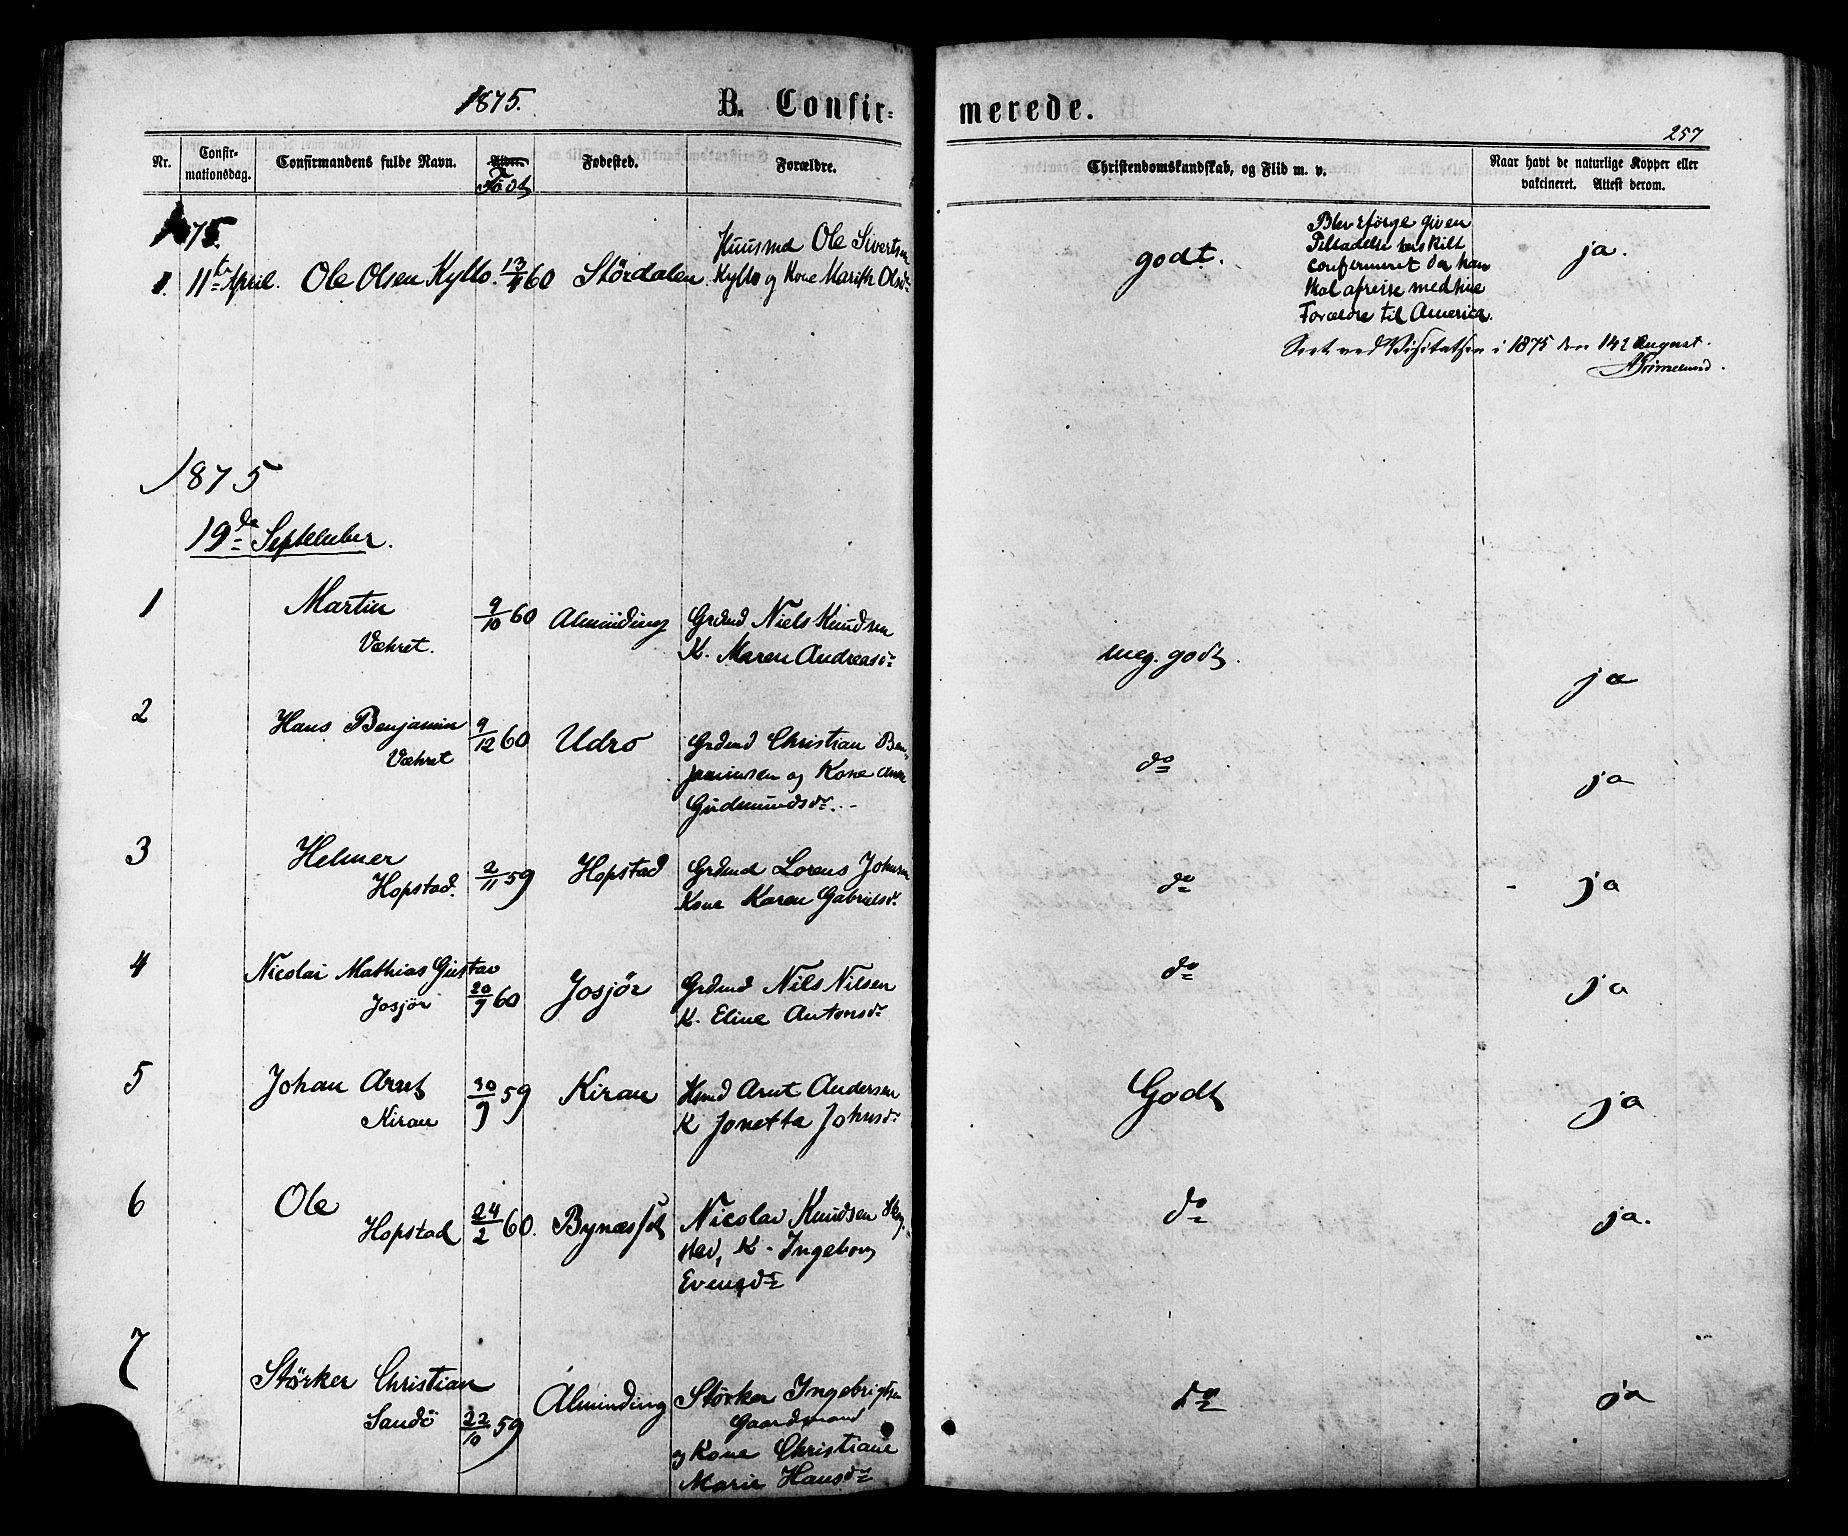 SAT, Ministerialprotokoller, klokkerbøker og fødselsregistre - Sør-Trøndelag, 657/L0706: Ministerialbok nr. 657A07, 1867-1878, s. 257